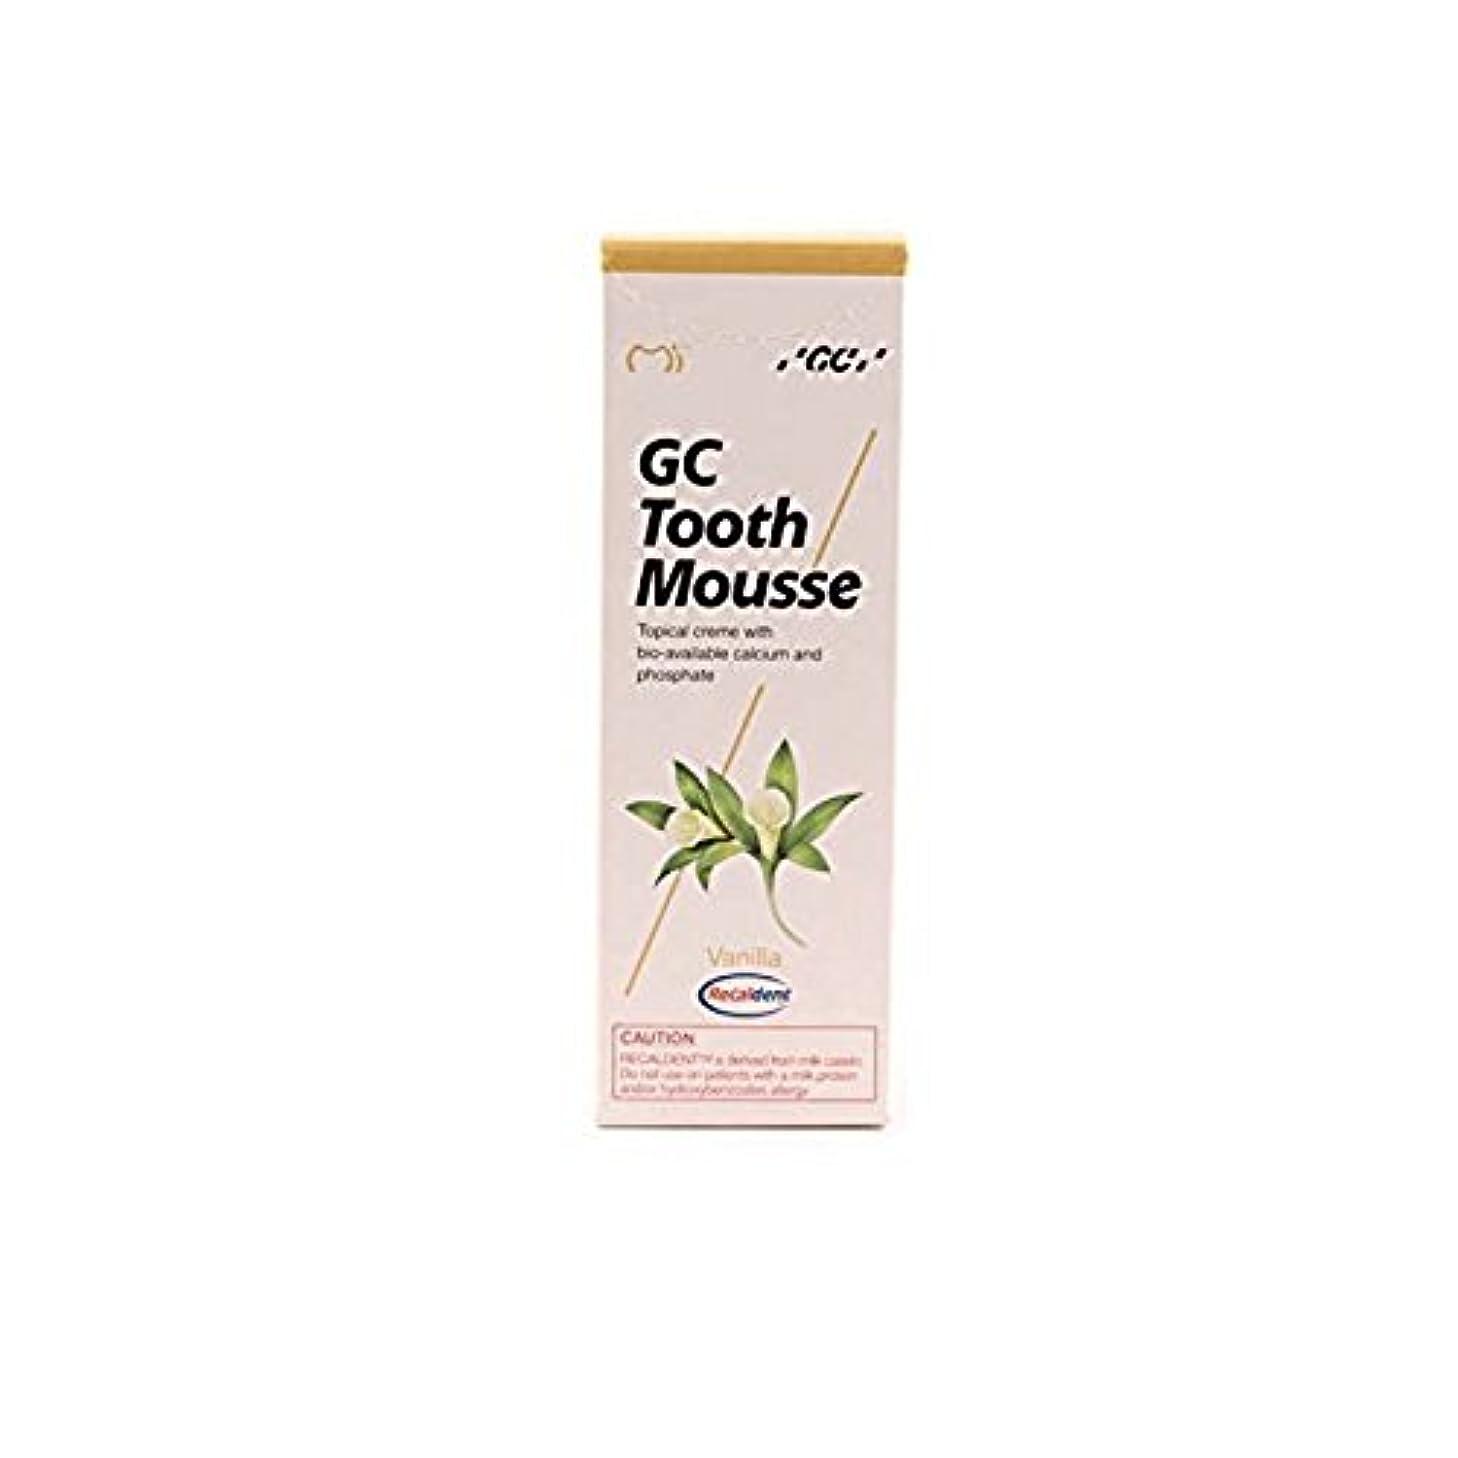 再集計電子できないGc の歯のムース練り歯磨き粉の盛り合わせの味40g (バニラ (Vanilla))